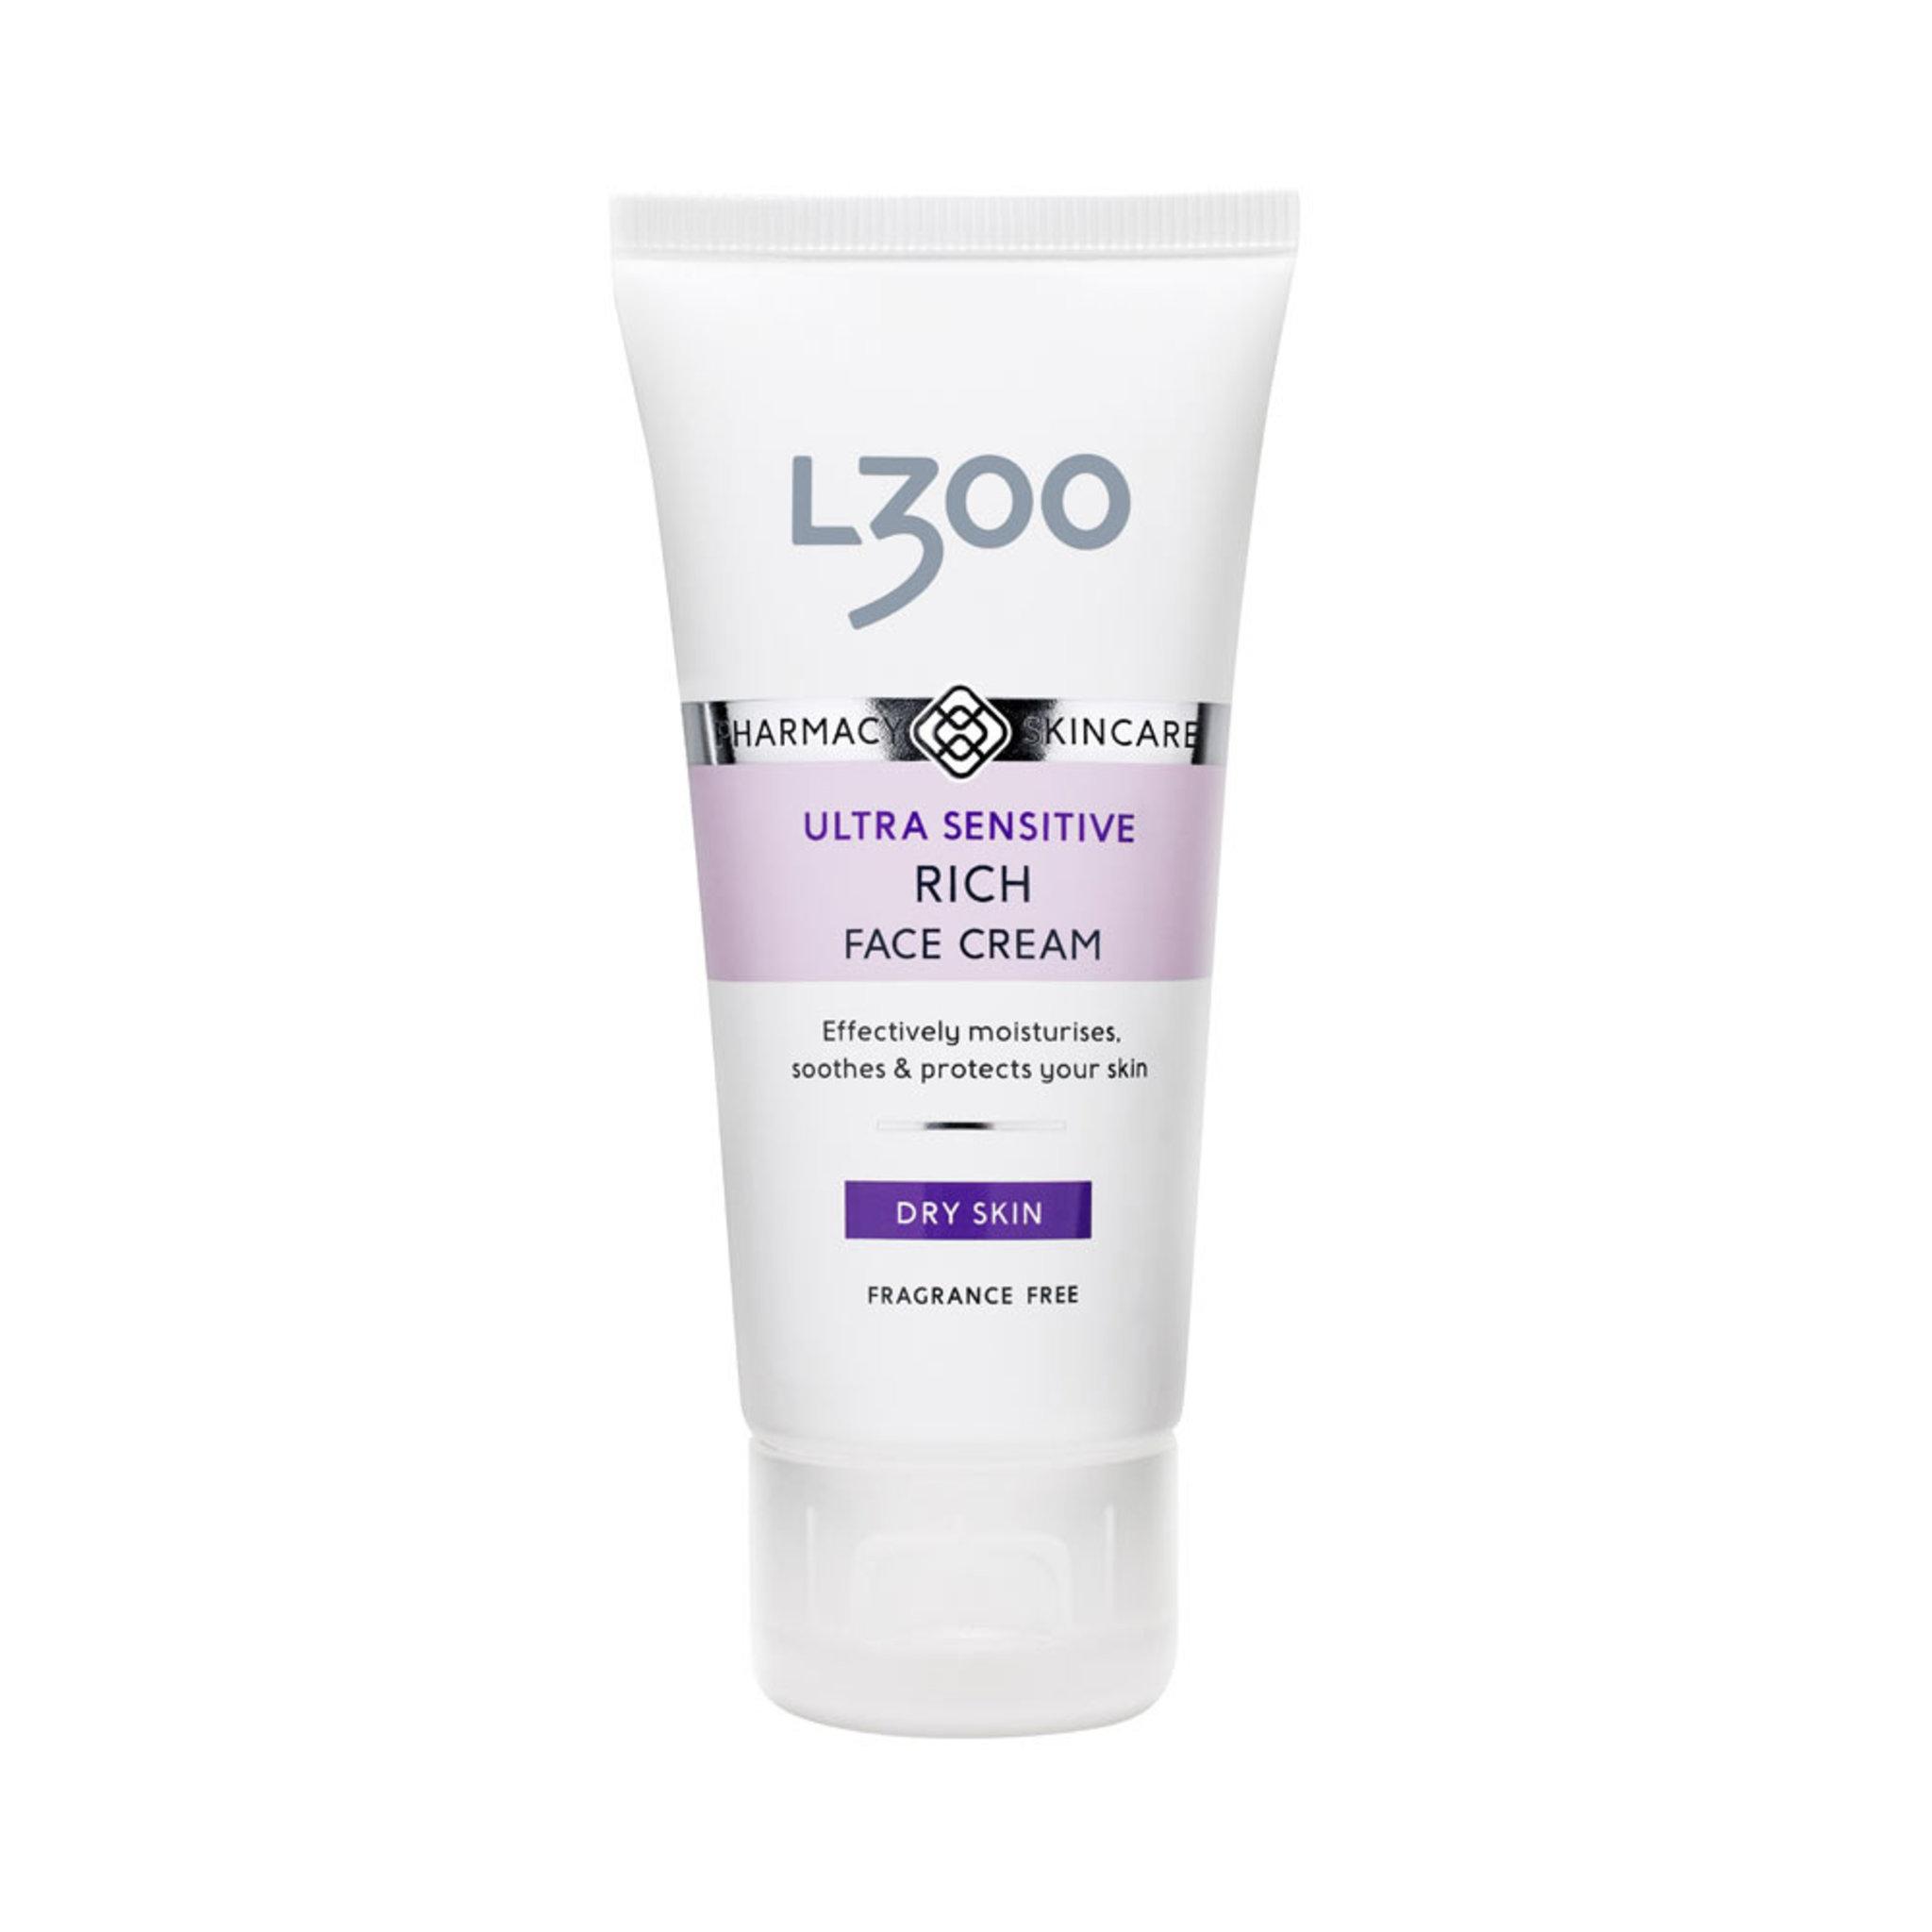 l300 face cream